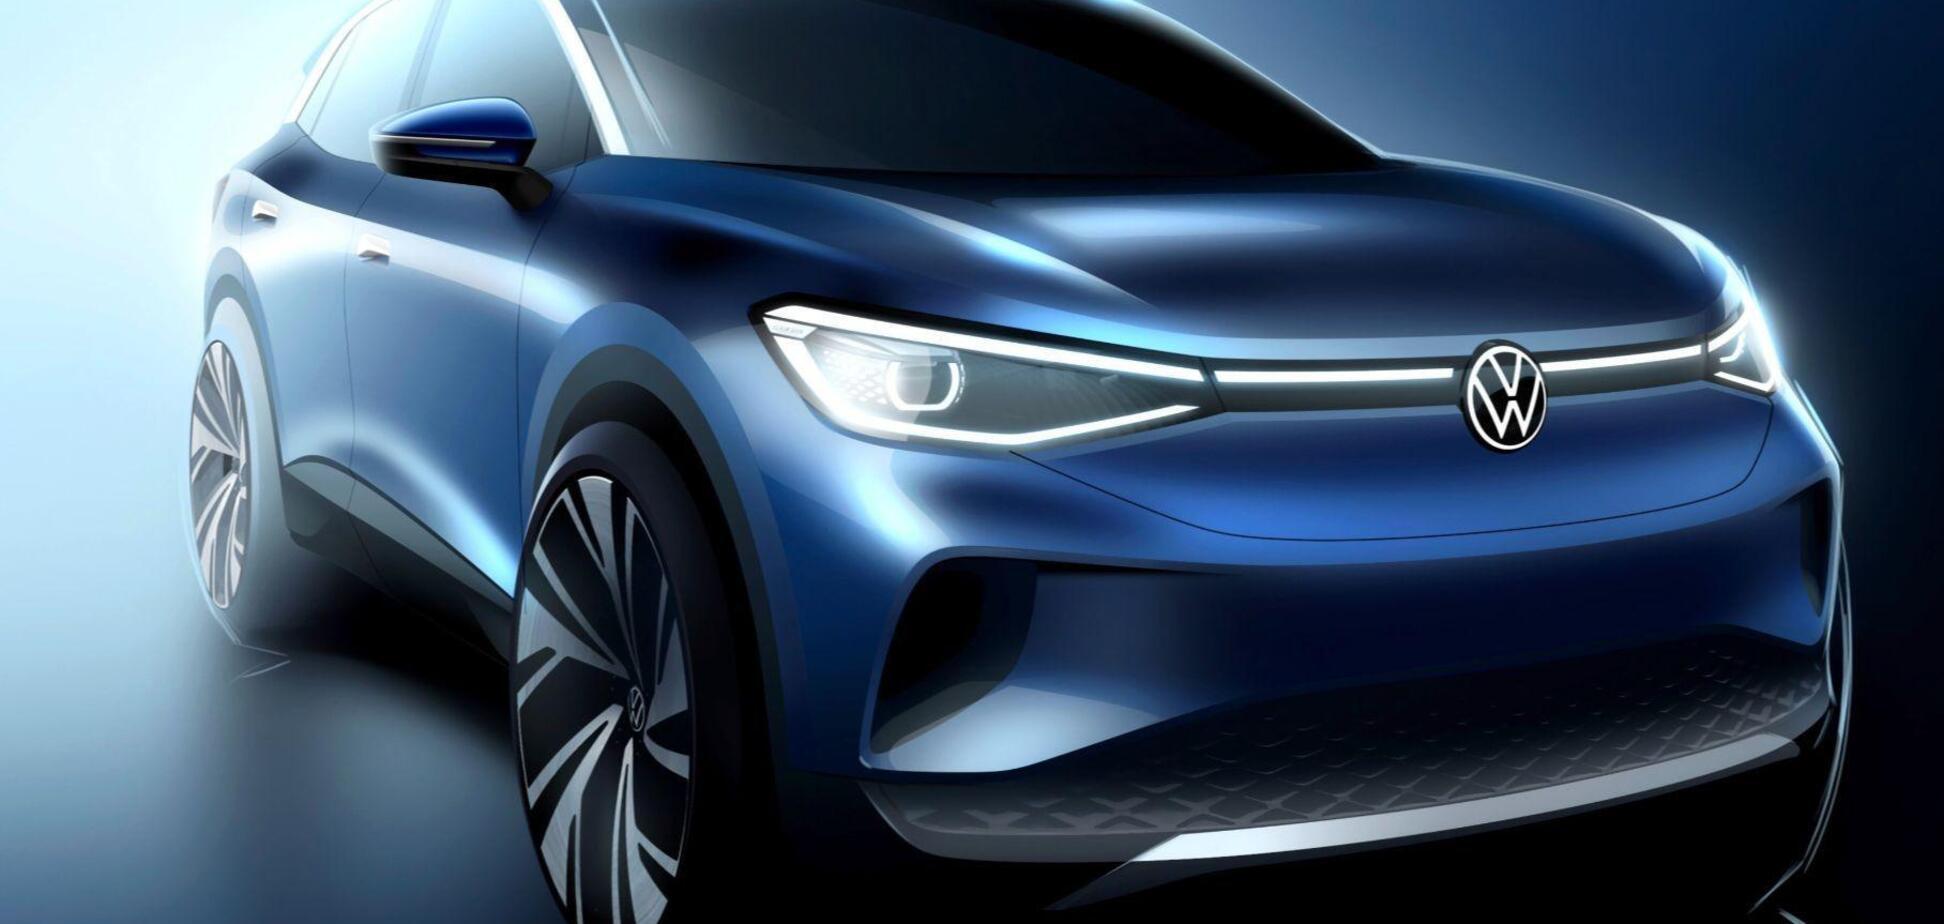 Электромобиль Volkswagen ID.4 показали на официальных изображениях. Фото: Volkswagen